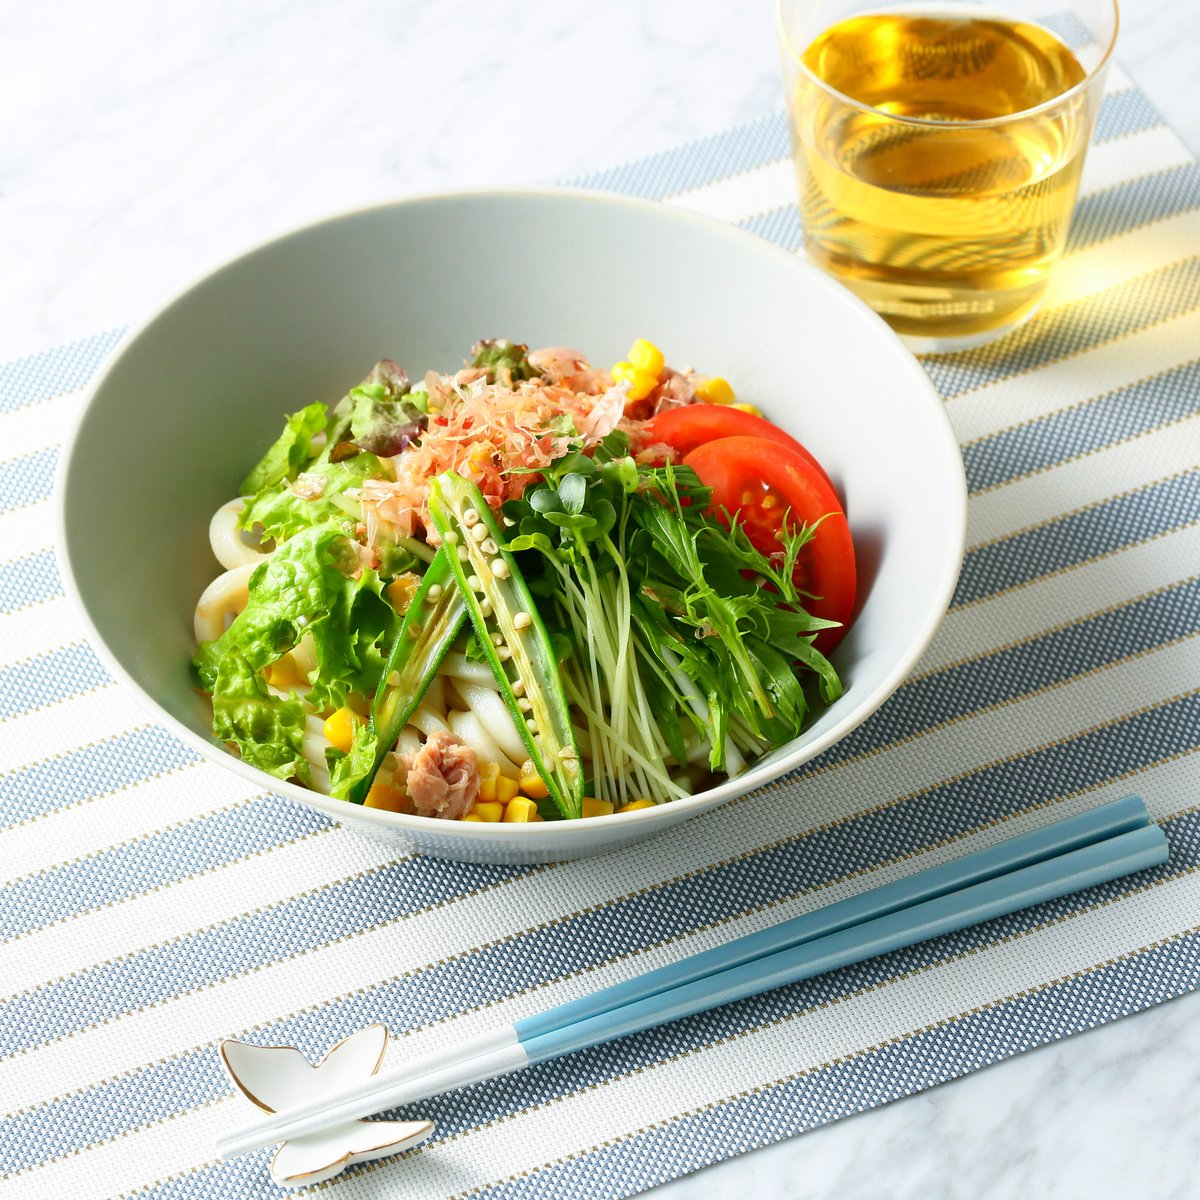 #Francfrancのある生活  暑さと疲れて食欲がわかない日もさっぱりとしたサラダうどんなら美味しく食べられそう。赤緑黄の野菜を盛り付けて見た目も楽しんでパワーチャージしましょう。 軽量多用深皿は、麺料理にも丼ものにもピッタリでおすすめです。  ▼軽量多用深皿 https://t.co/CFZ8i3fQFB https://t.co/DVUHDXoCPV